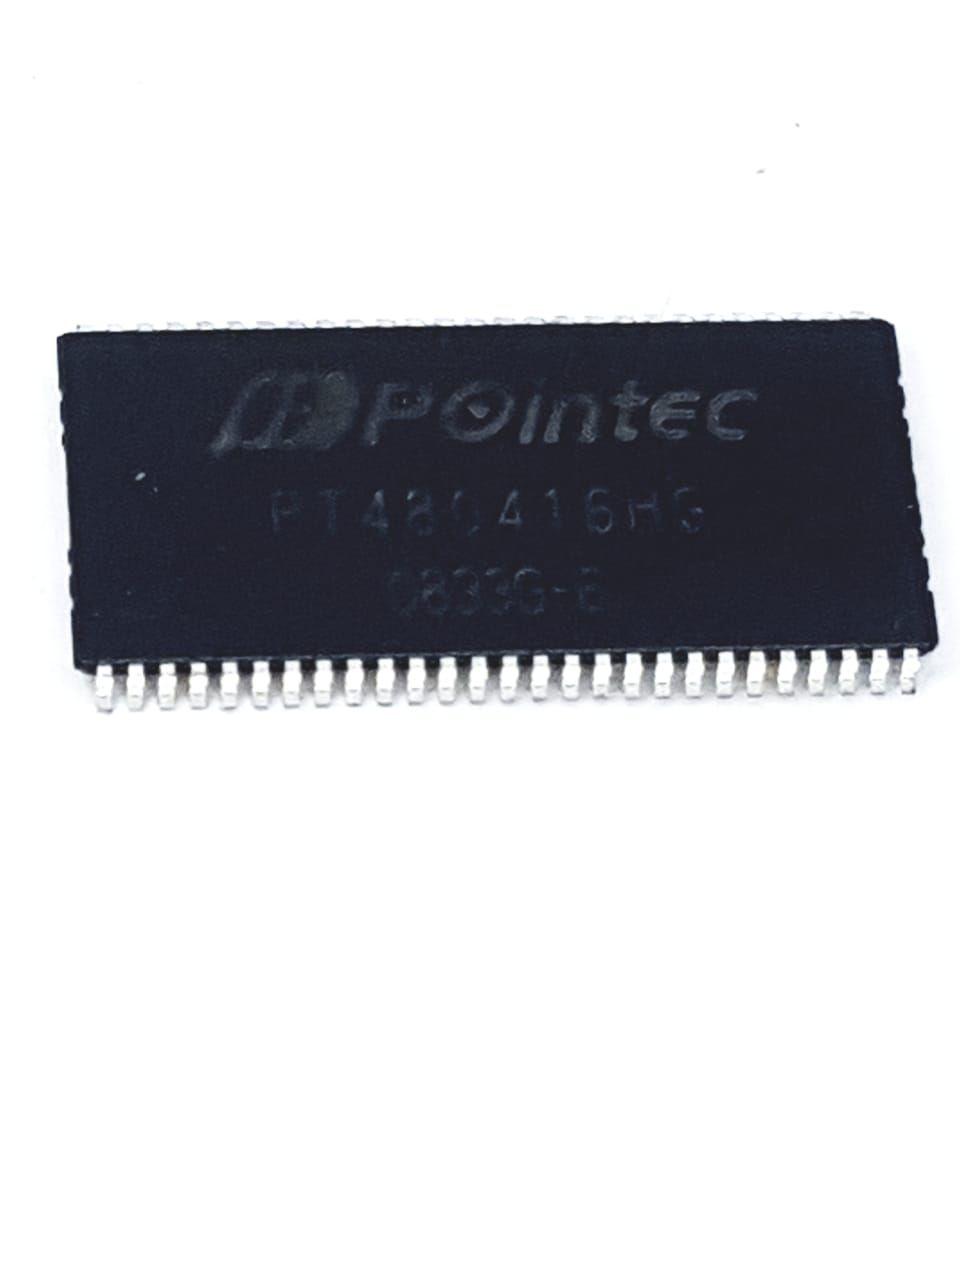 Ci Circuito Integrado Pt 4804116hg Toshiba Sd 7080